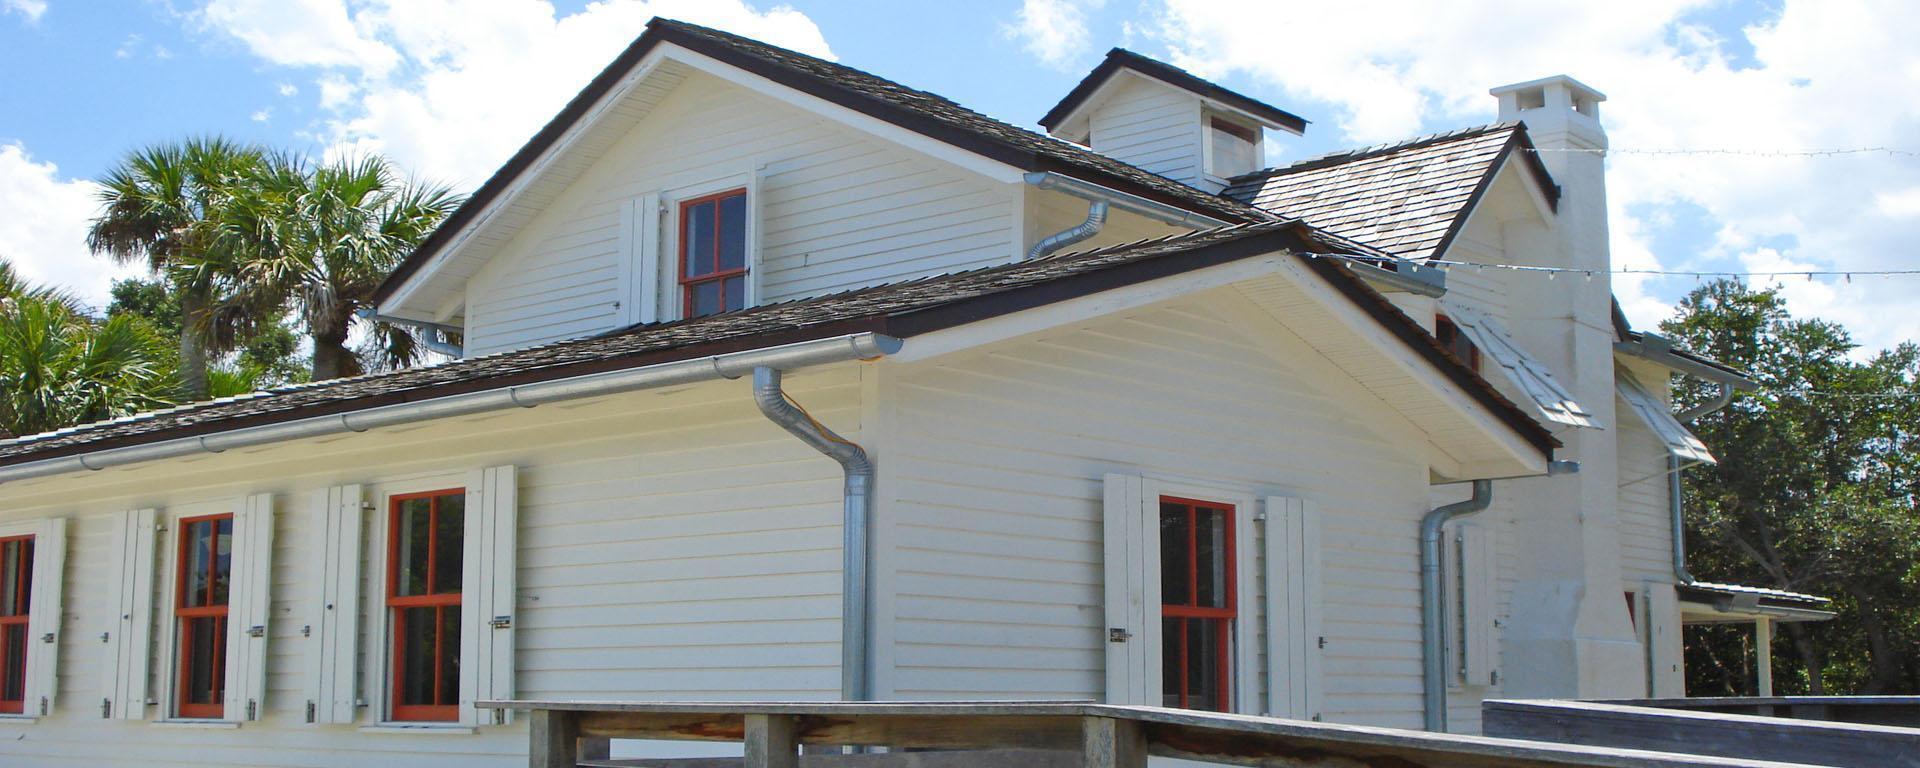 Captain Sewall's House